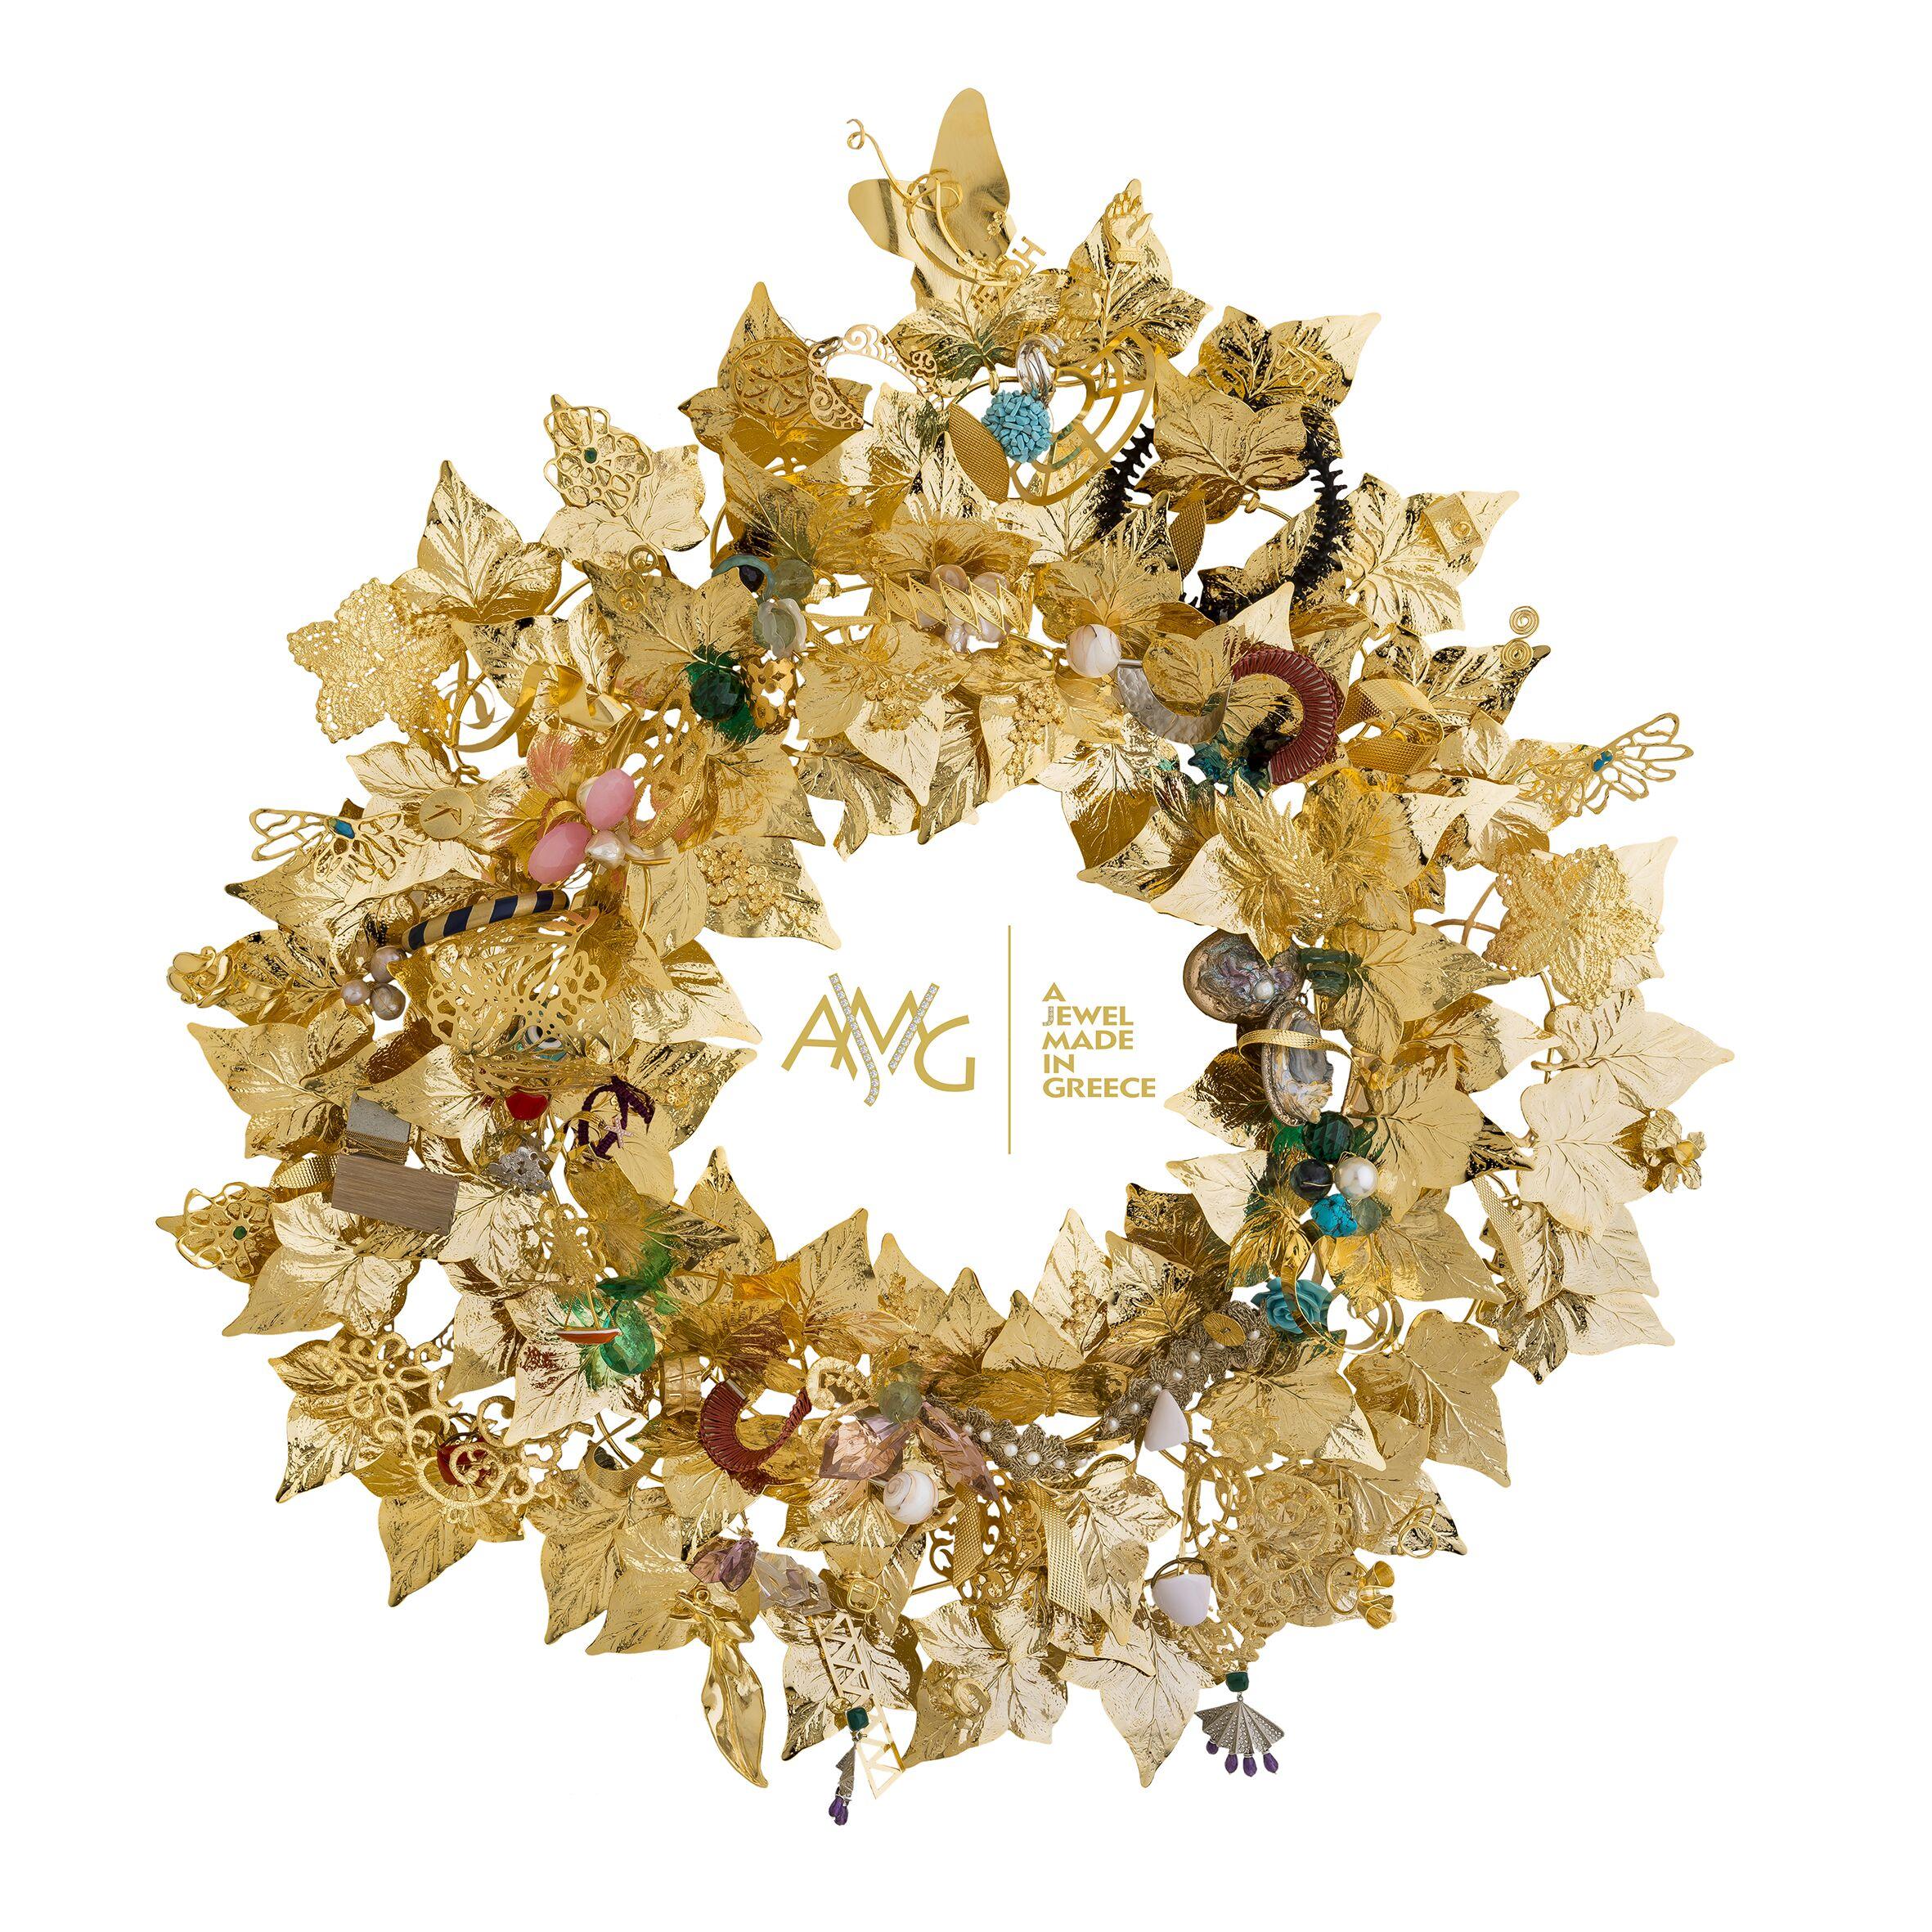 ajmig-2020-wreath